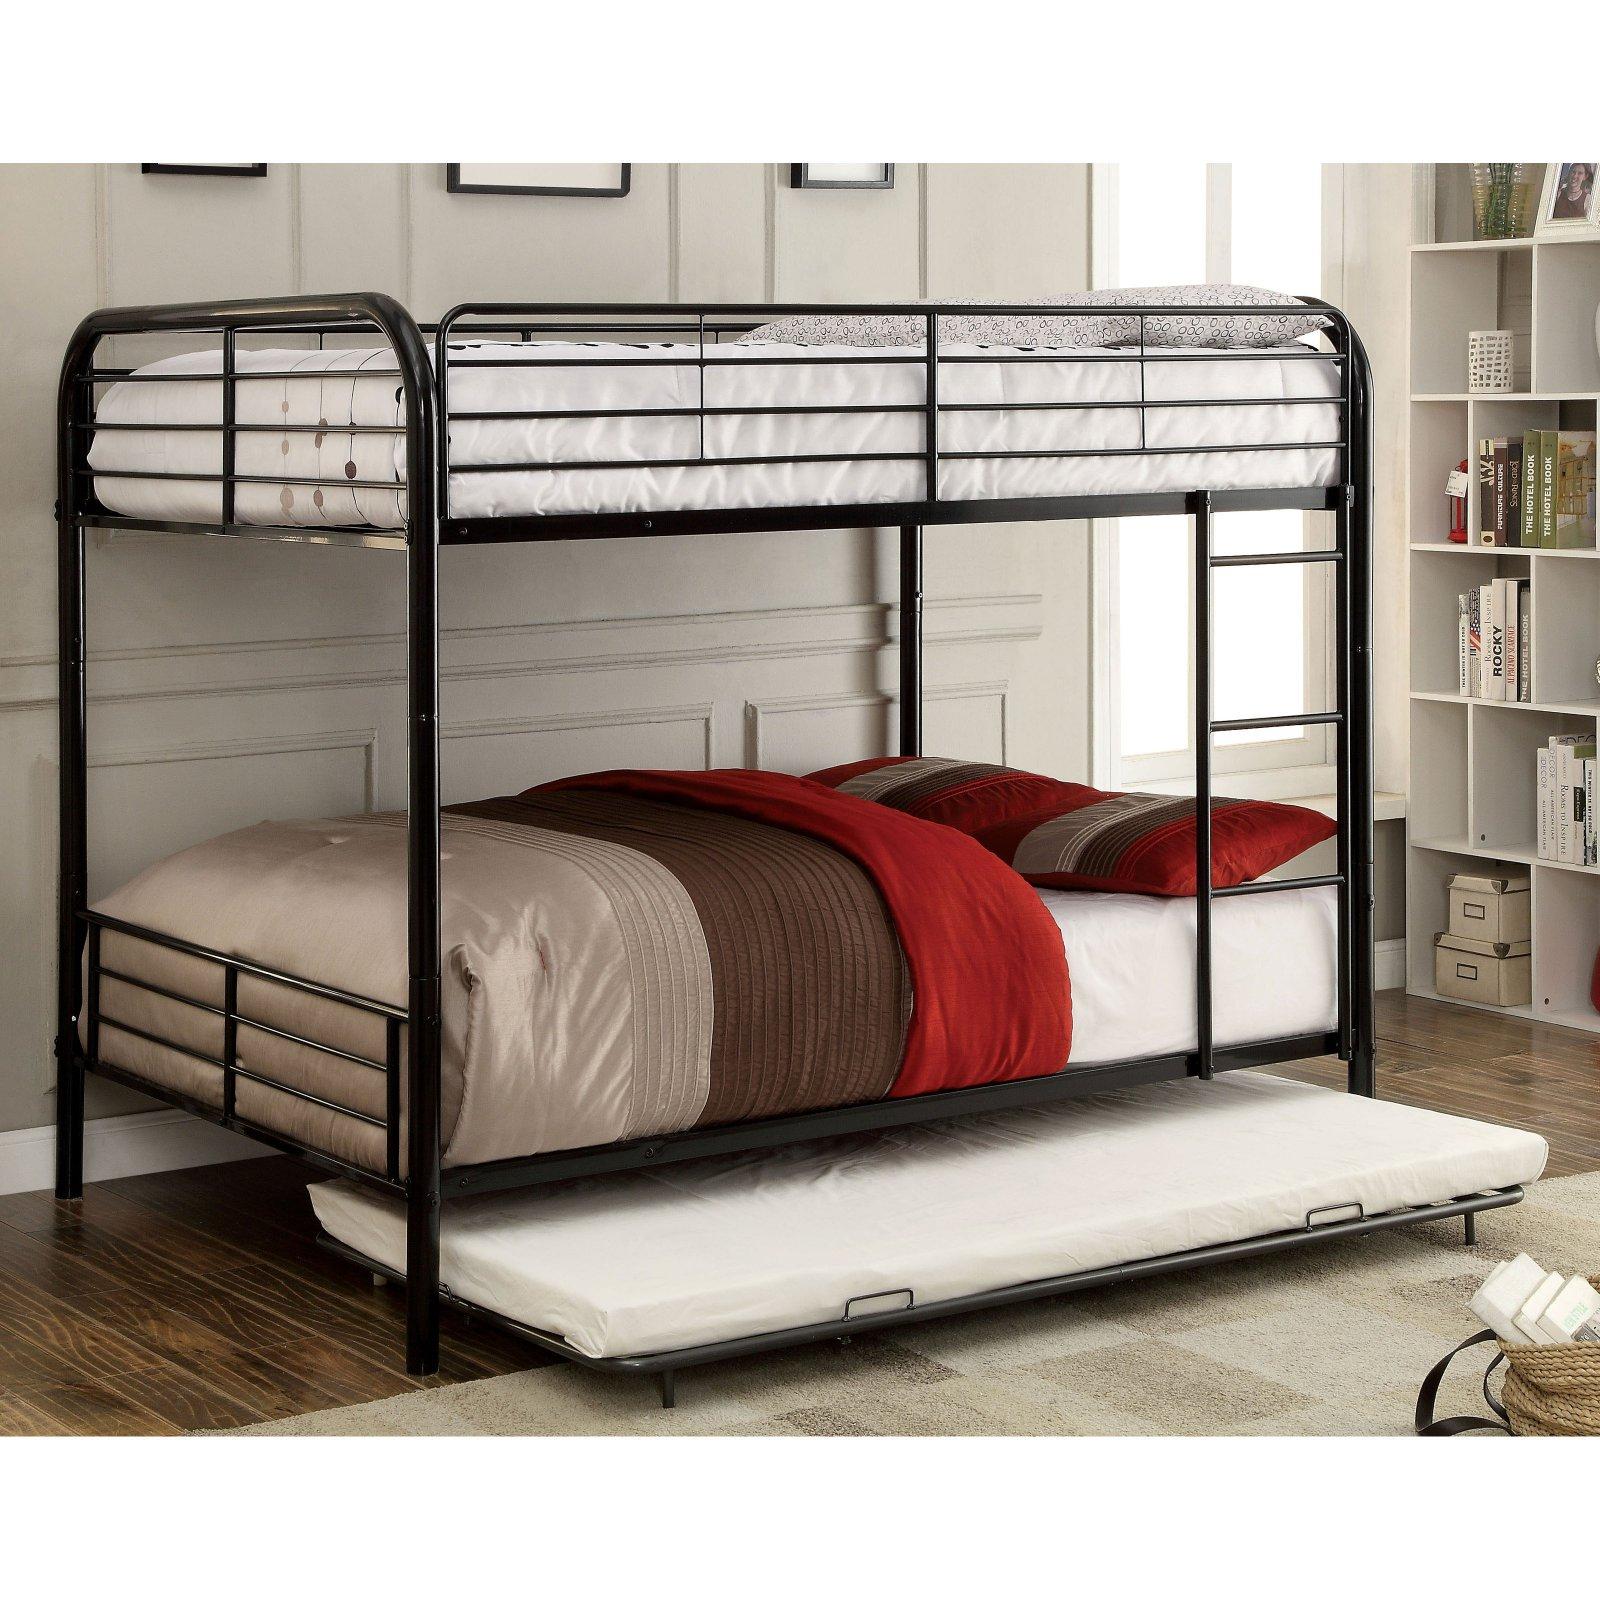 Furniture of America Langdon Metal Rail Full Over Full Bunk Bed